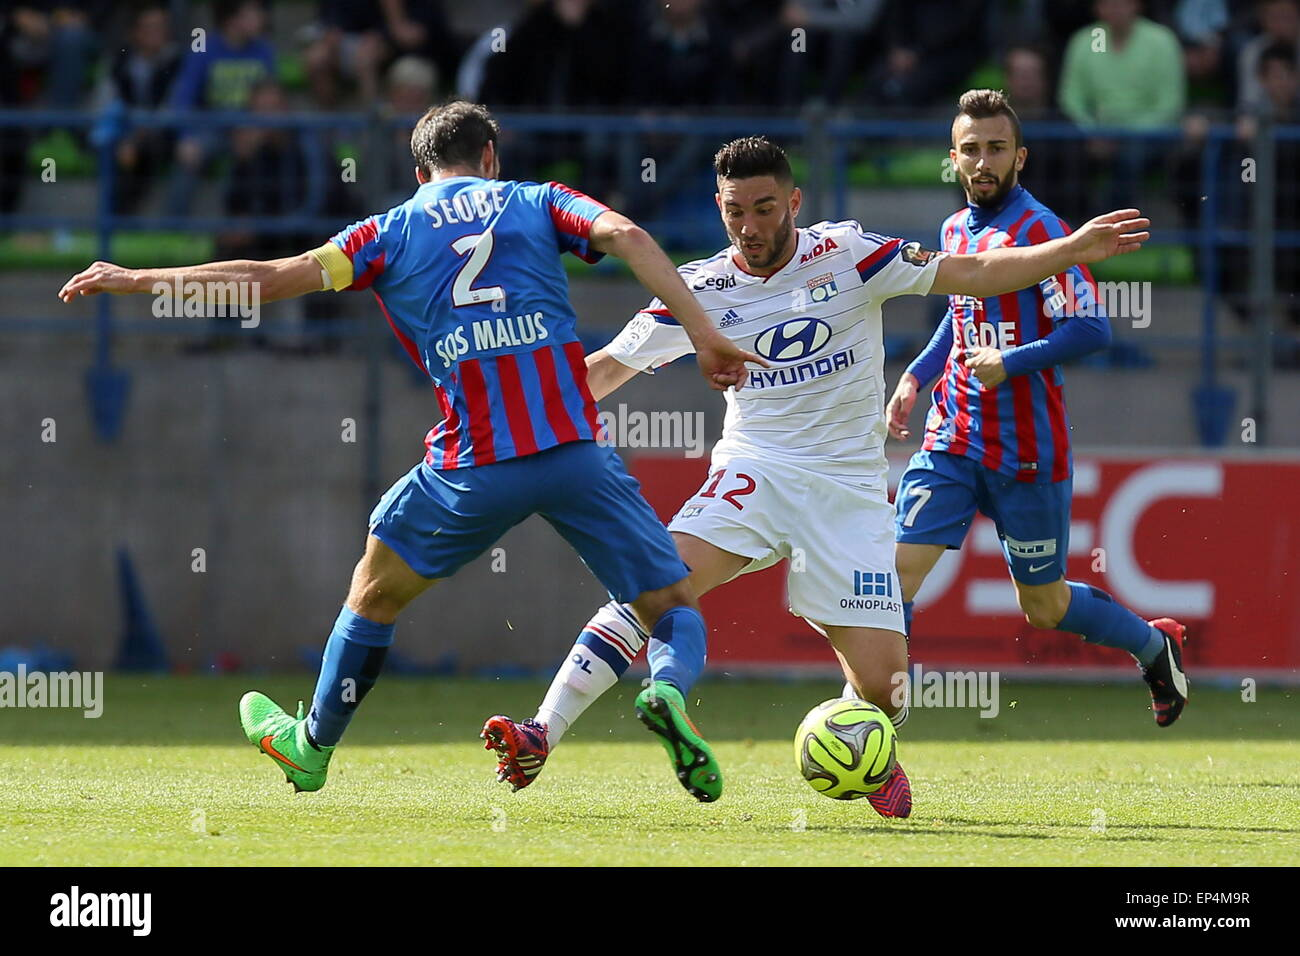 Corentin TOLISSO Nicolas SEUBE 09 05 2015 Caen Lyon